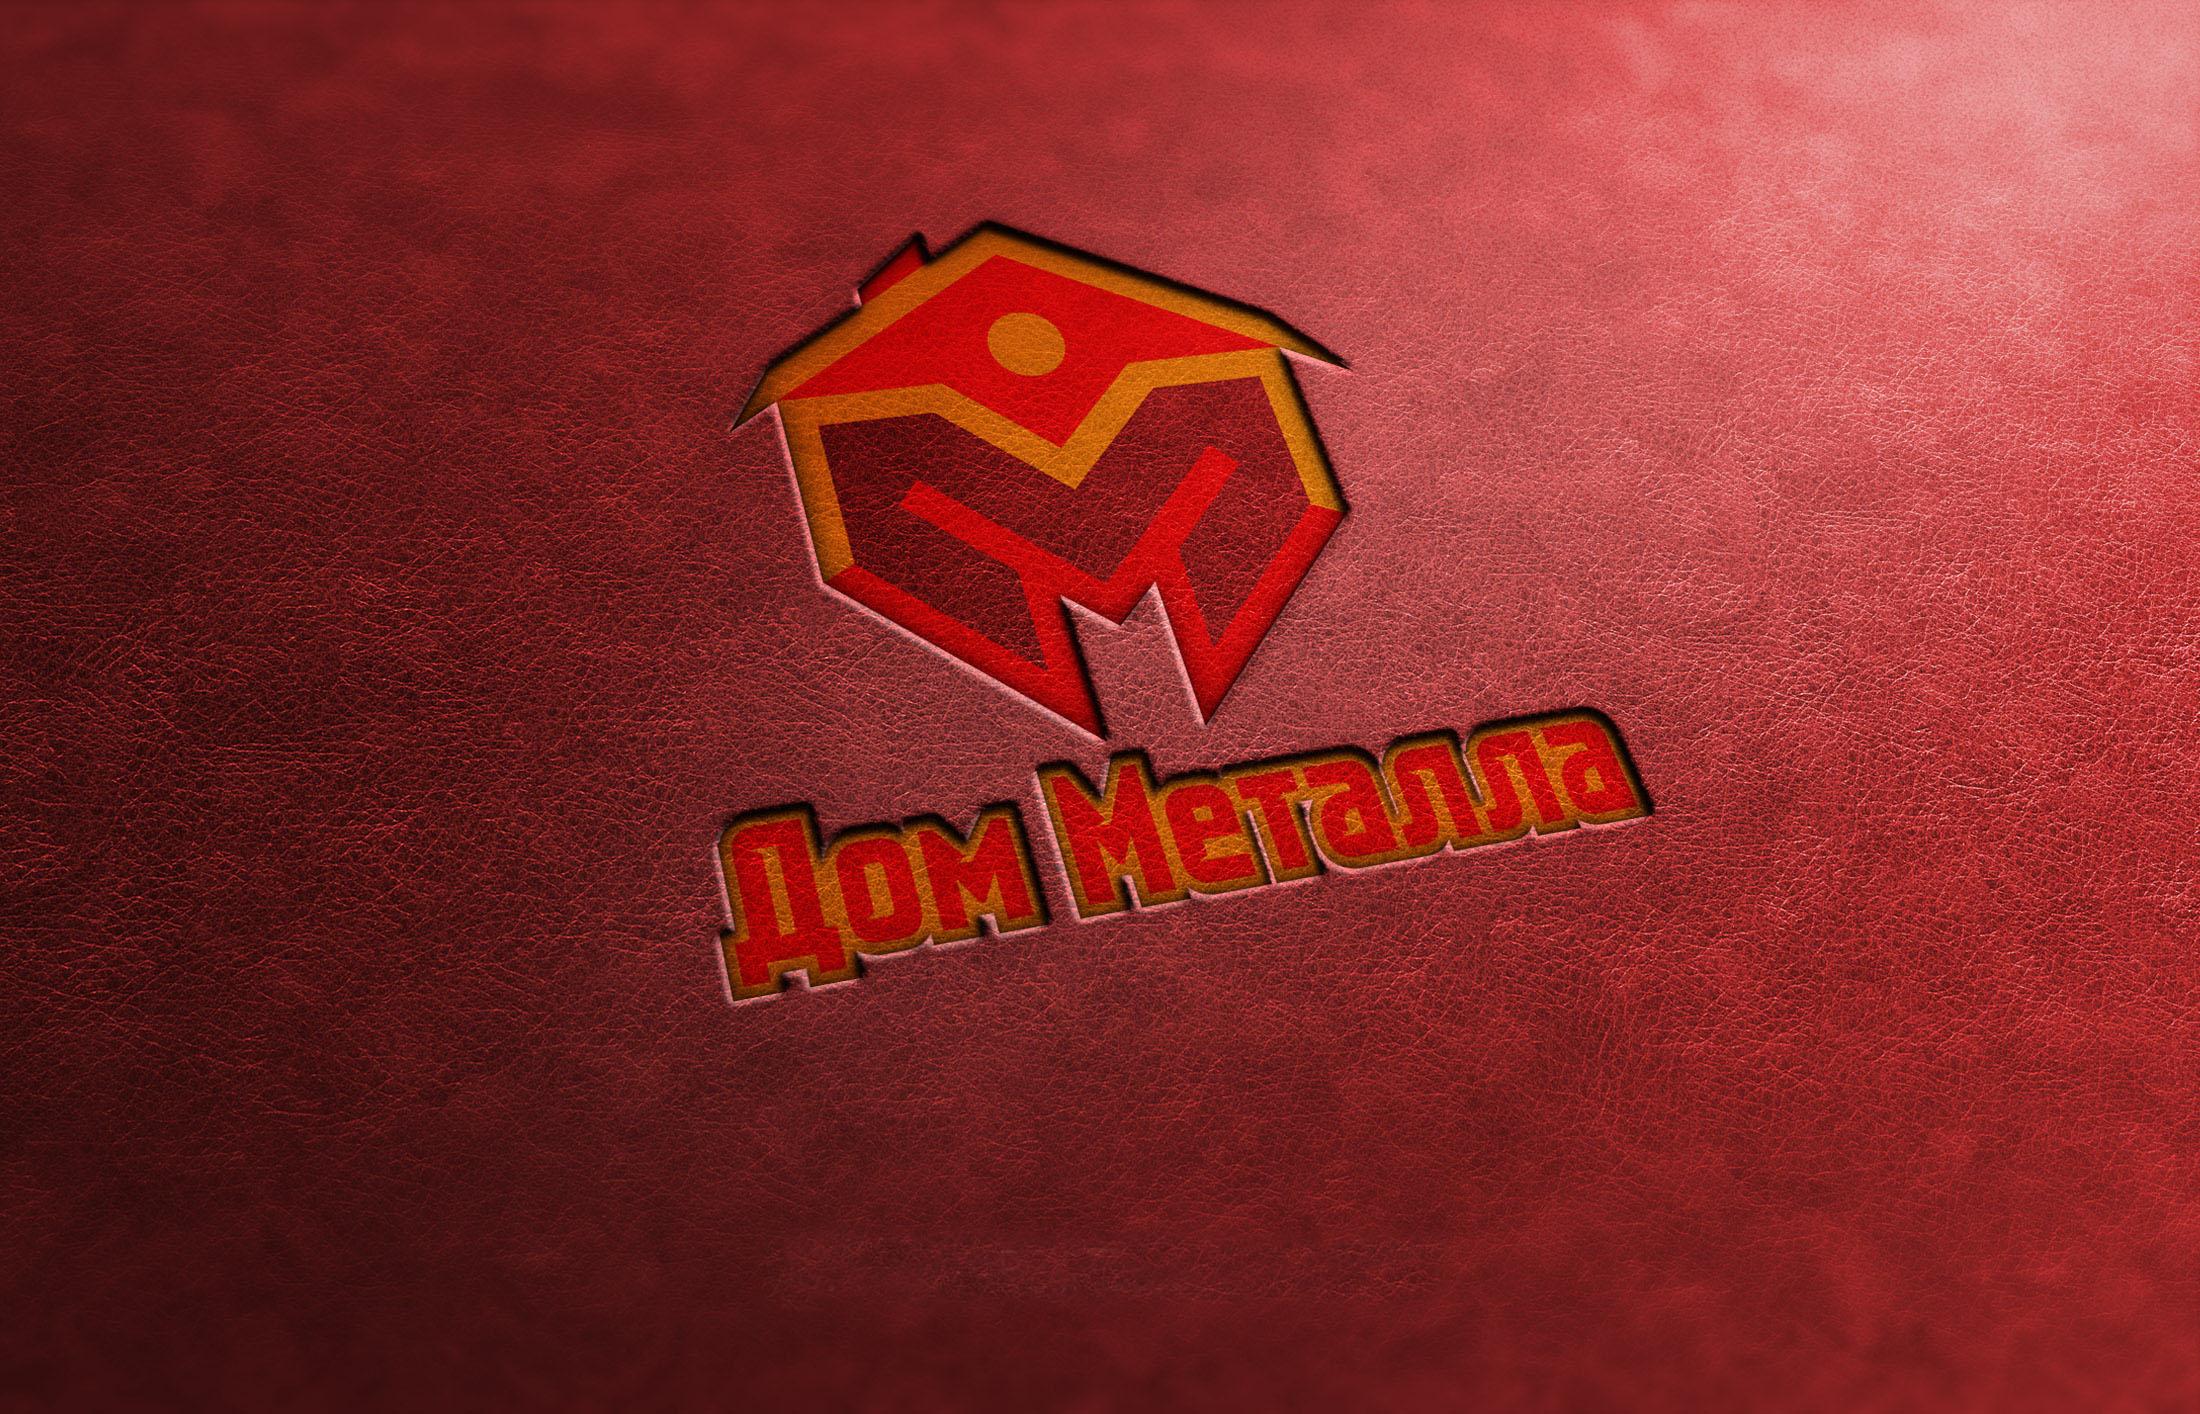 Разработка логотипа фото f_5235c5d664bc26a5.jpg